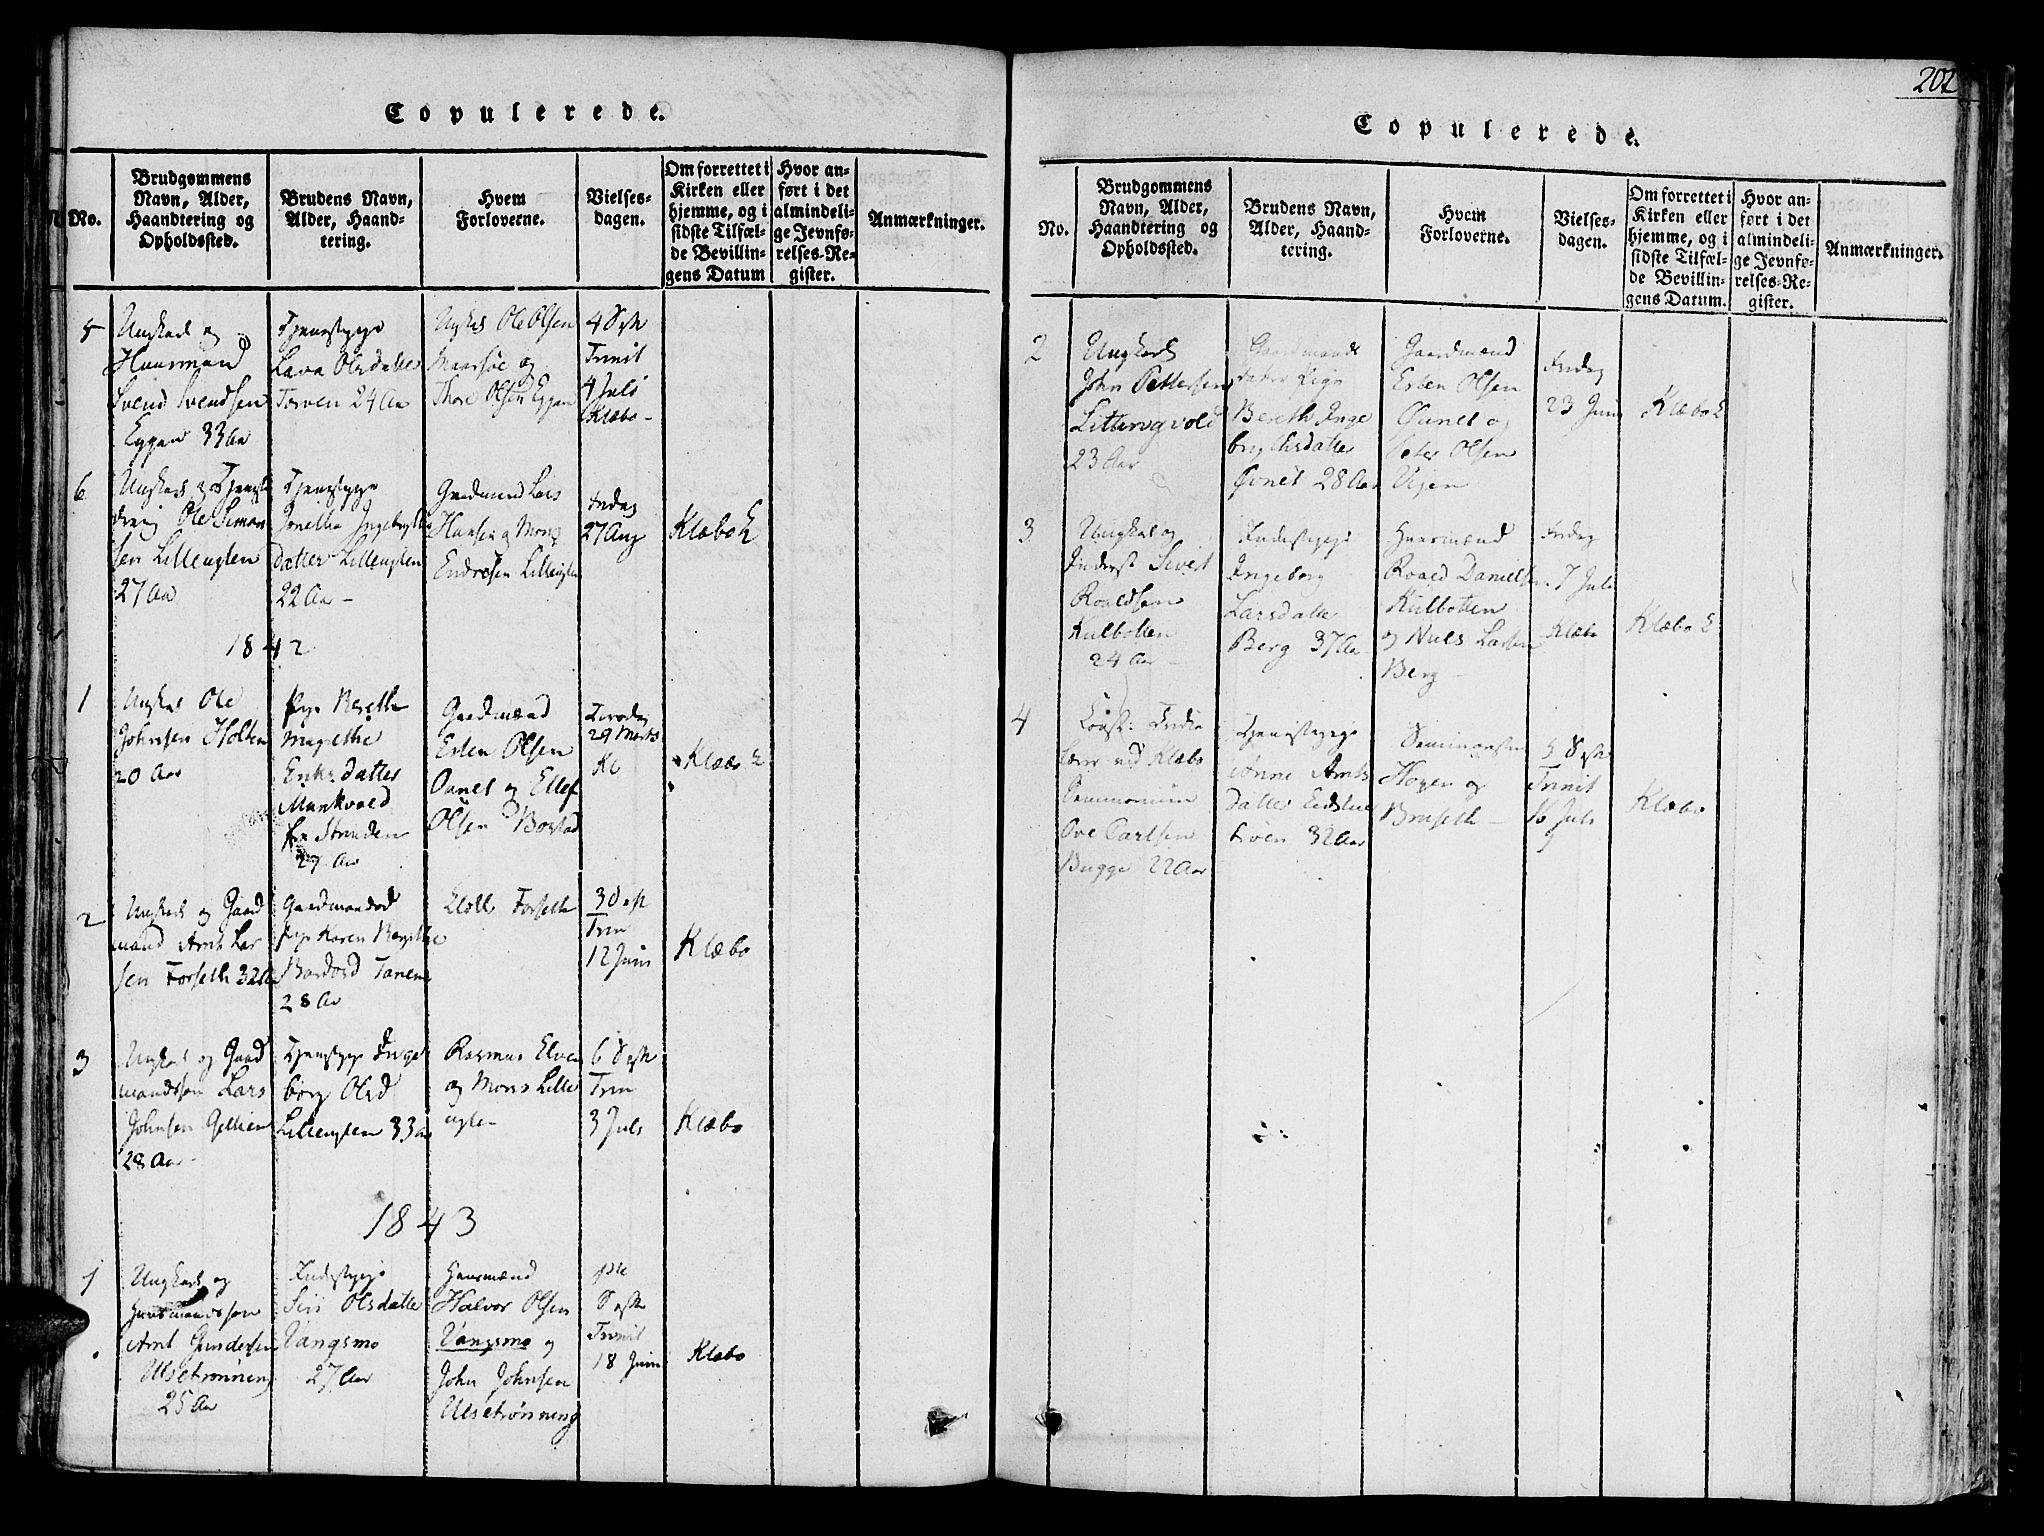 SAT, Ministerialprotokoller, klokkerbøker og fødselsregistre - Sør-Trøndelag, 618/L0439: Ministerialbok nr. 618A04 /1, 1816-1843, s. 202